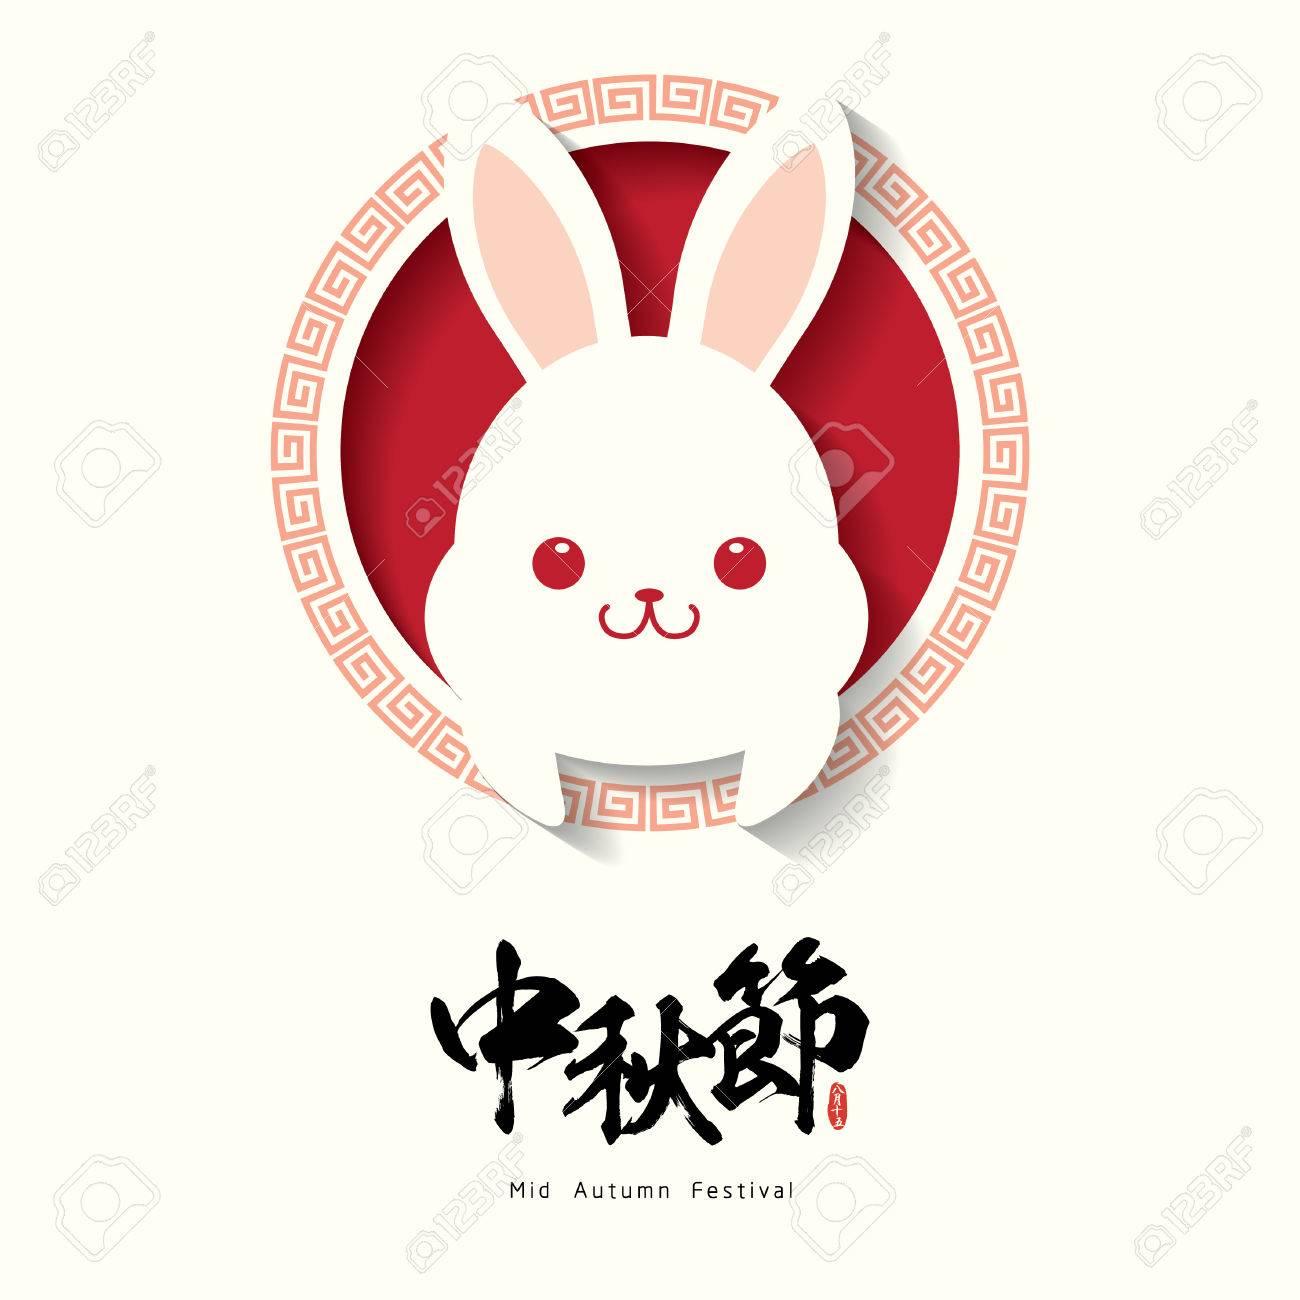 かわいいウサギの中秋祭イラストキャプション 中間秋の祝祭8 月 15